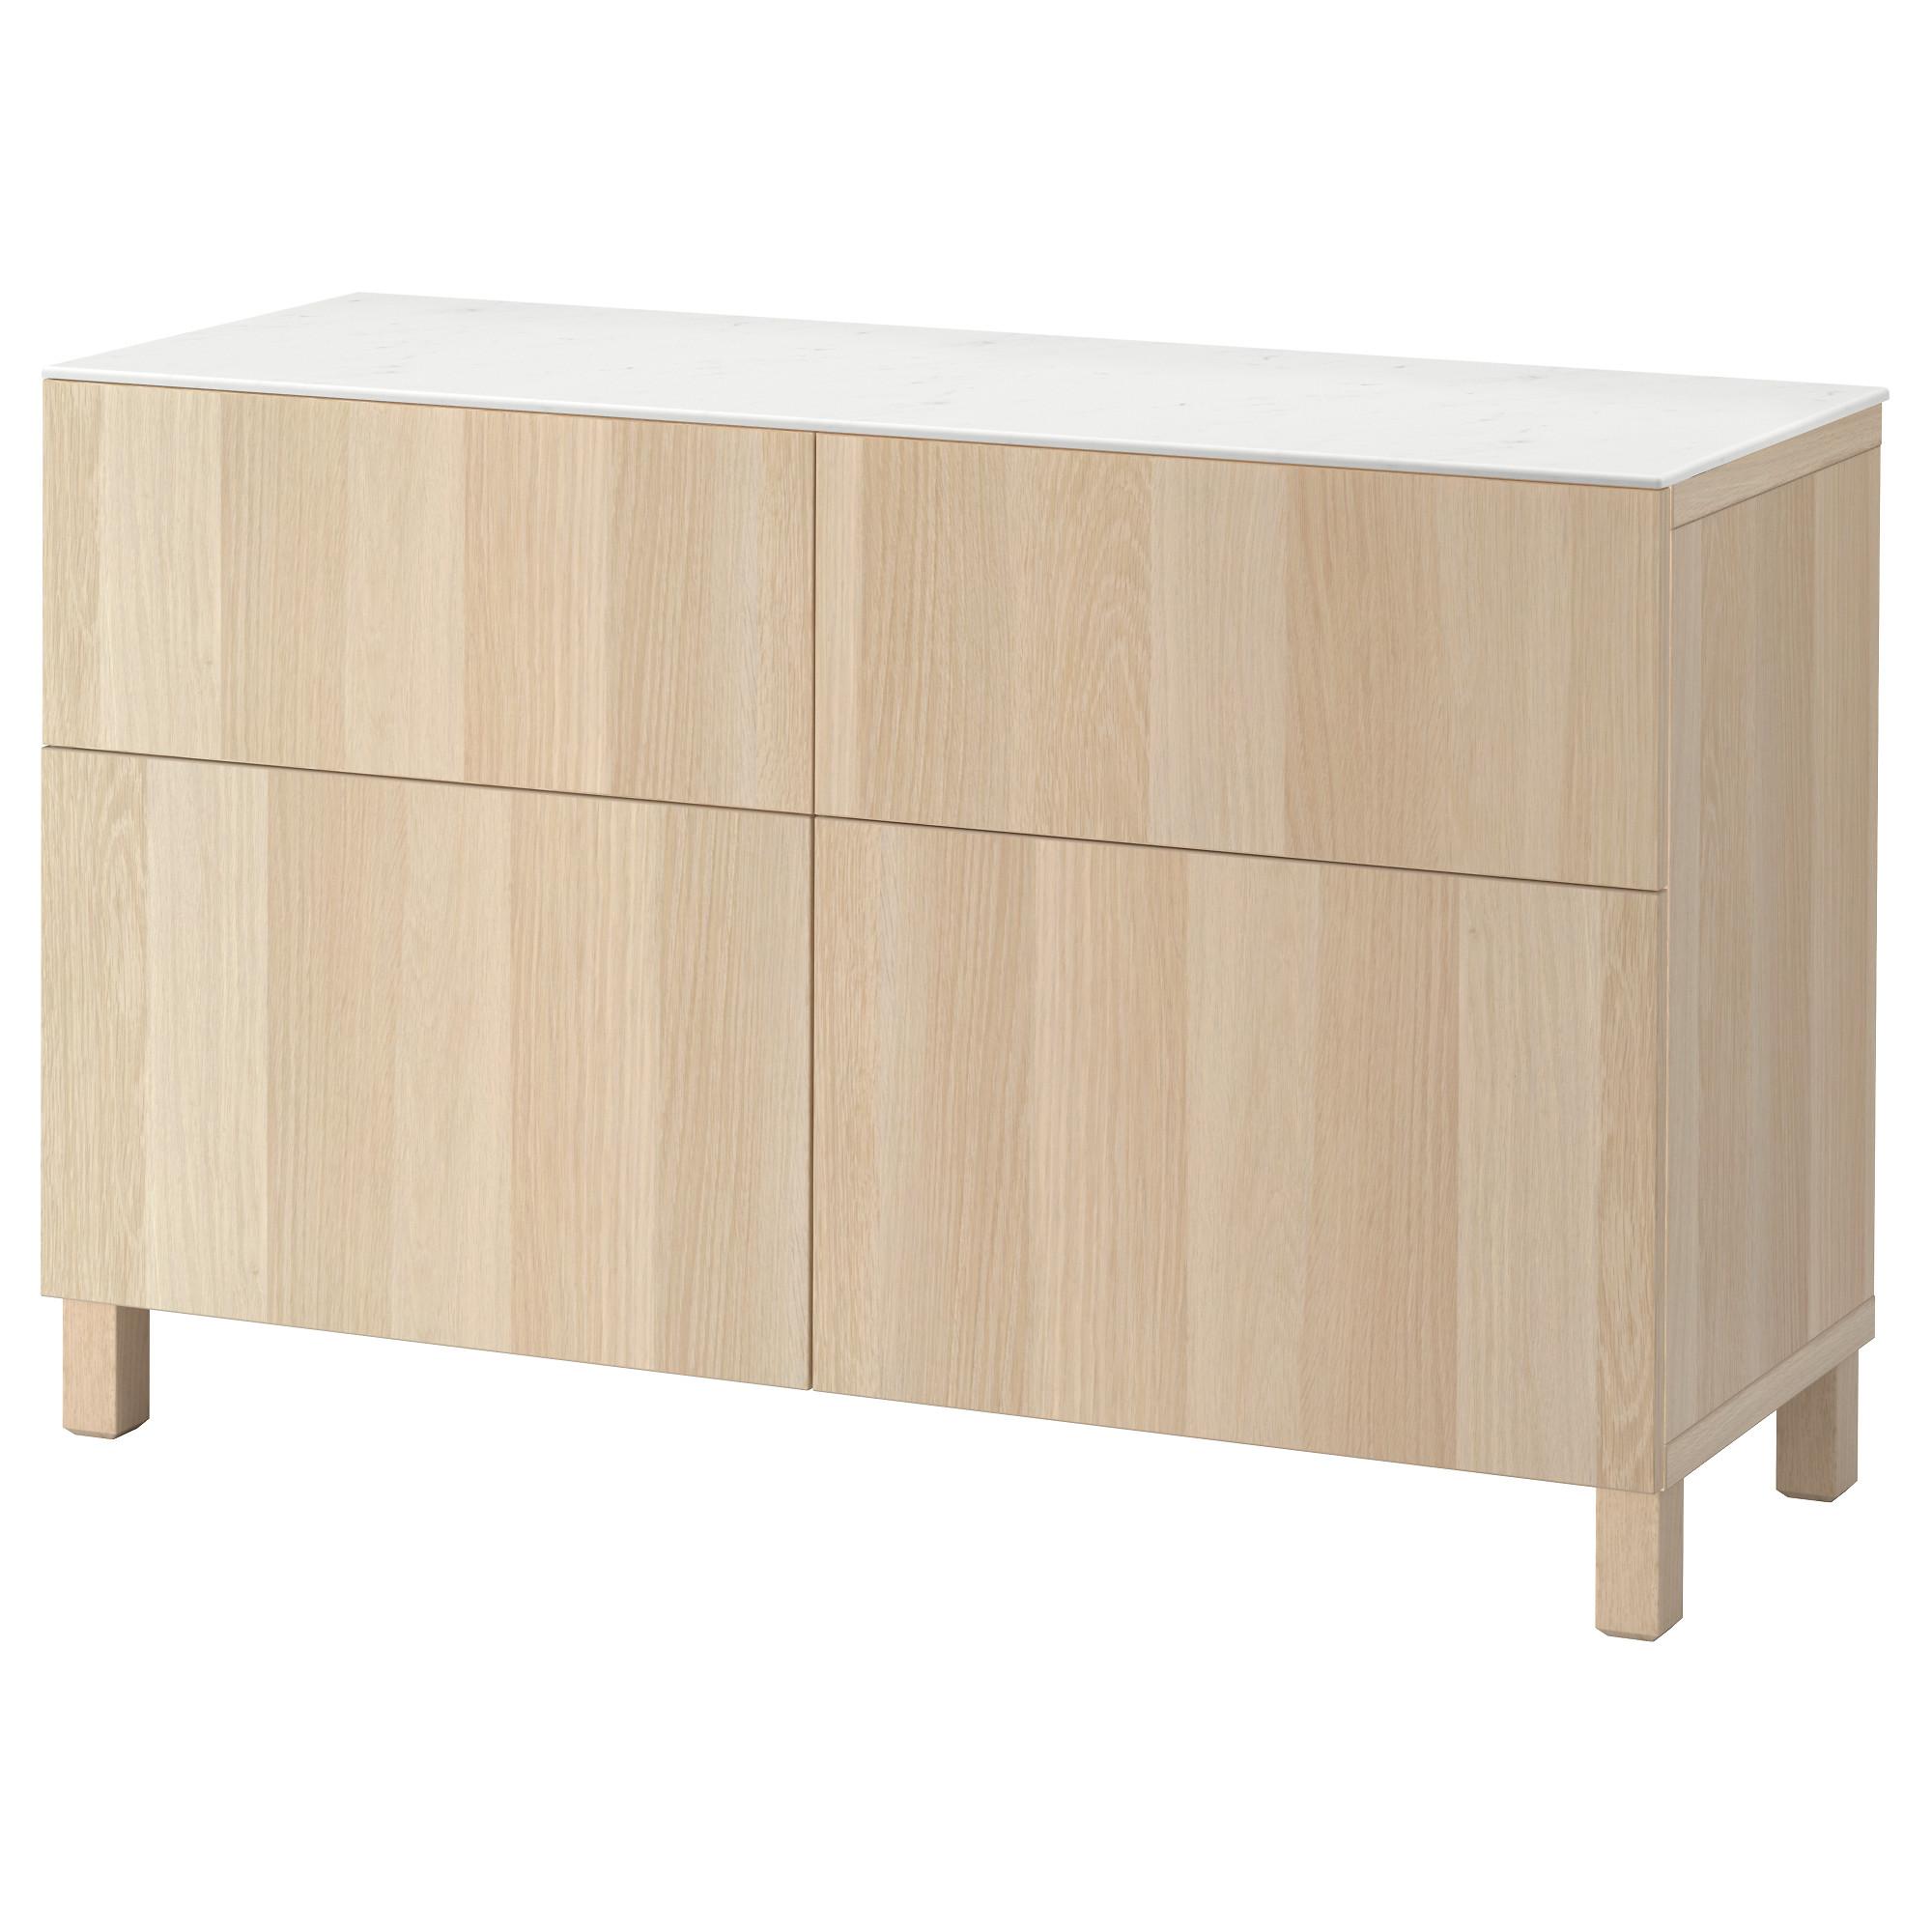 Комбинация для хранения с дверцами, ящиками БЕСТО артикуль № 692.447.22 в наличии. Интернет магазин IKEA Минск. Быстрая доставка и установка.